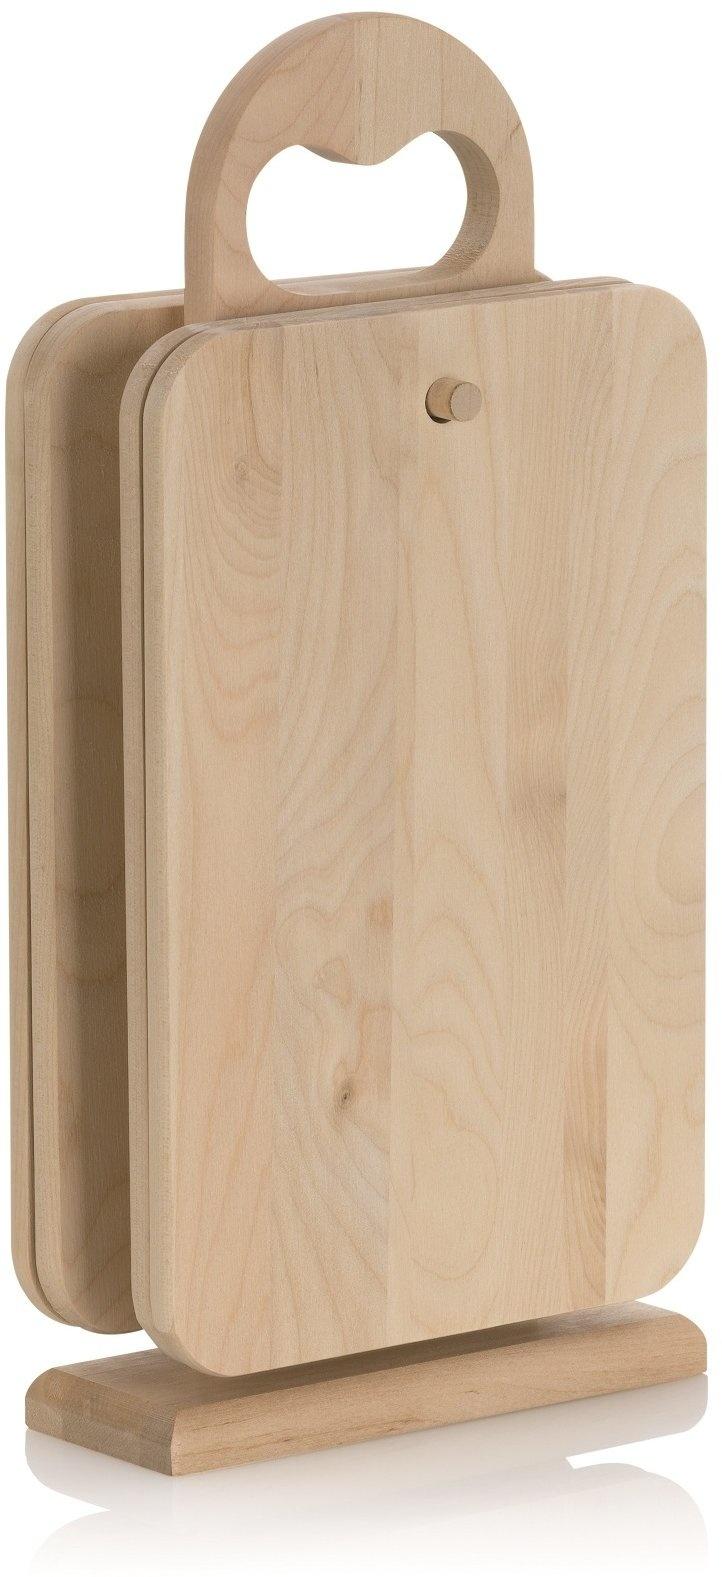 Kela Keuken Almina Snijplank met Standaard Set van 5 Stuks